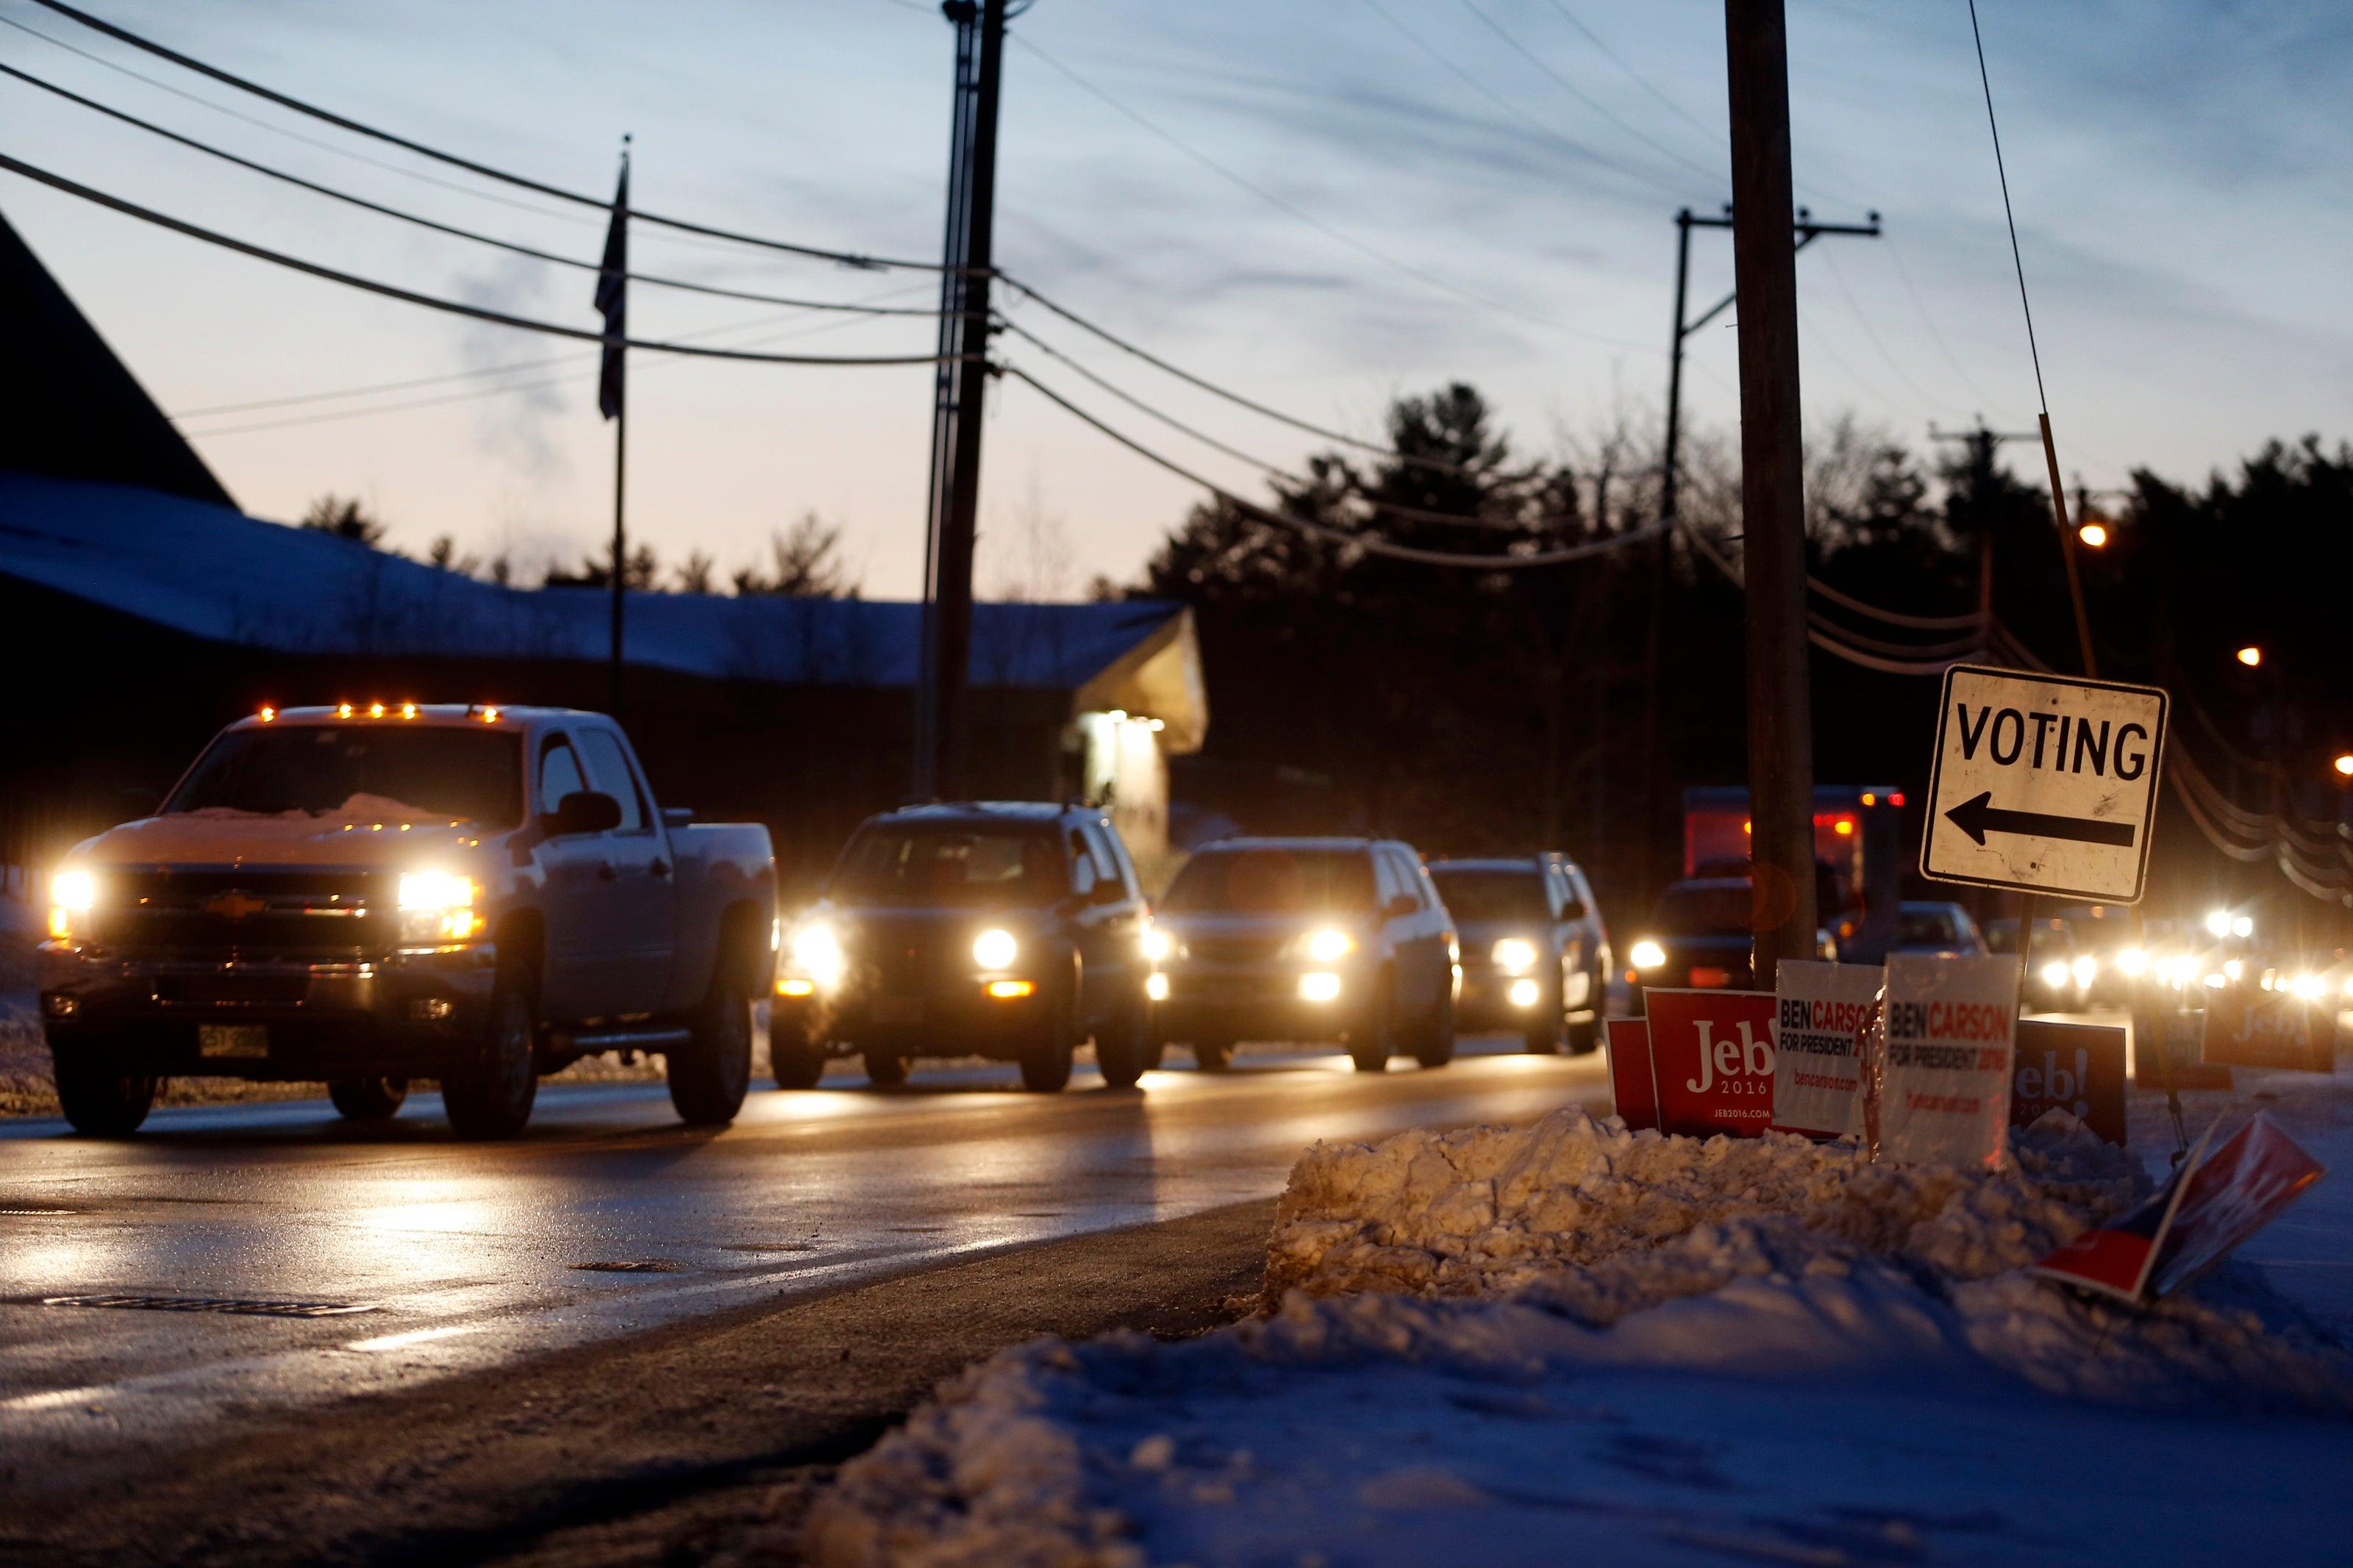 Voters wait in a miles long line of traffic to vote in Merrimack, N.H.